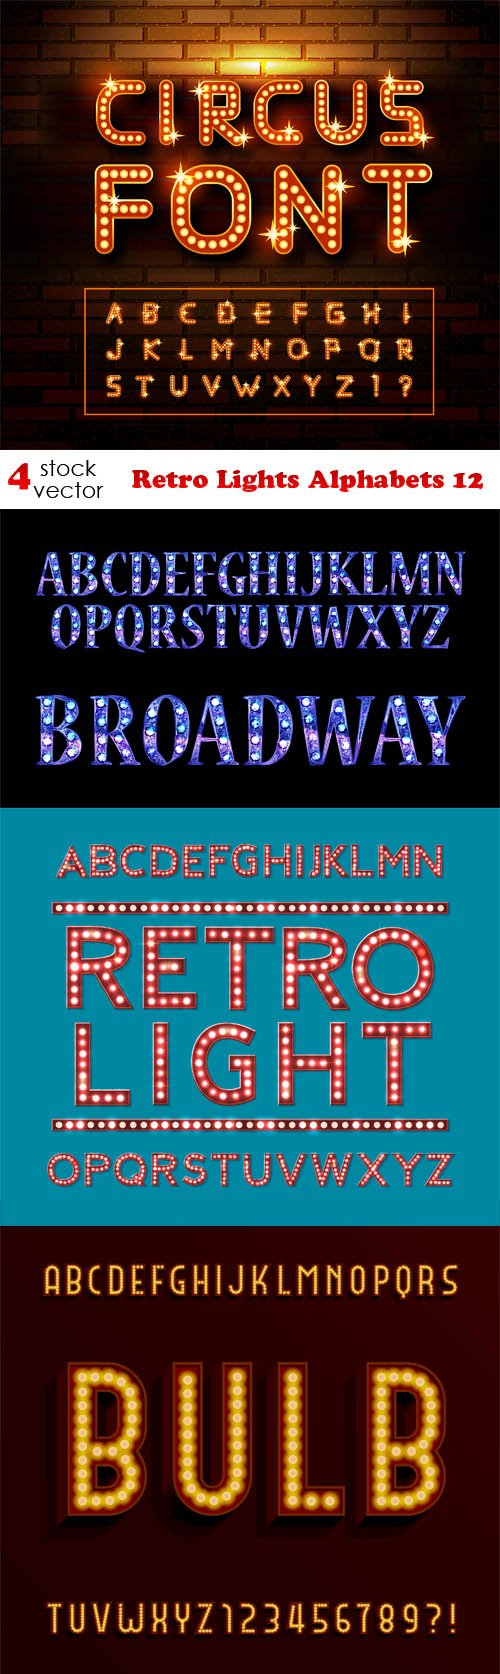 Vectors - Retro Lights Alphabets 12